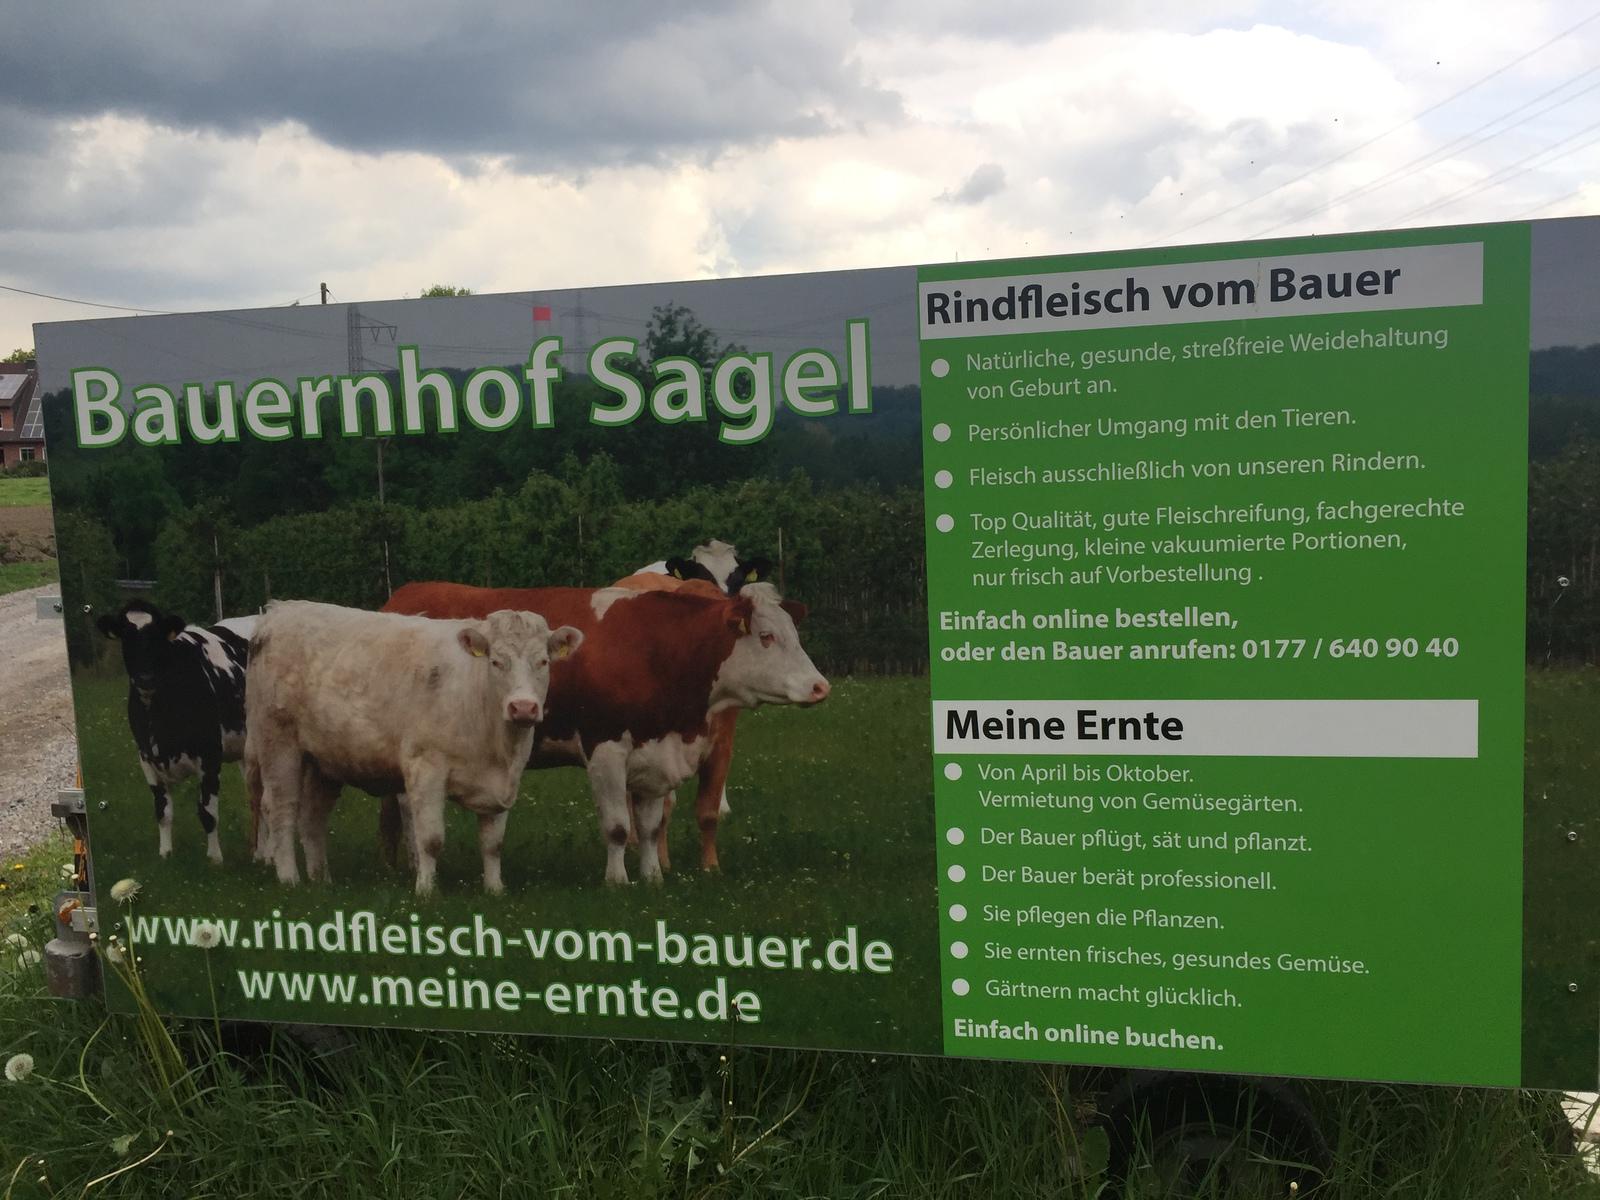 Bauernhof Sagel